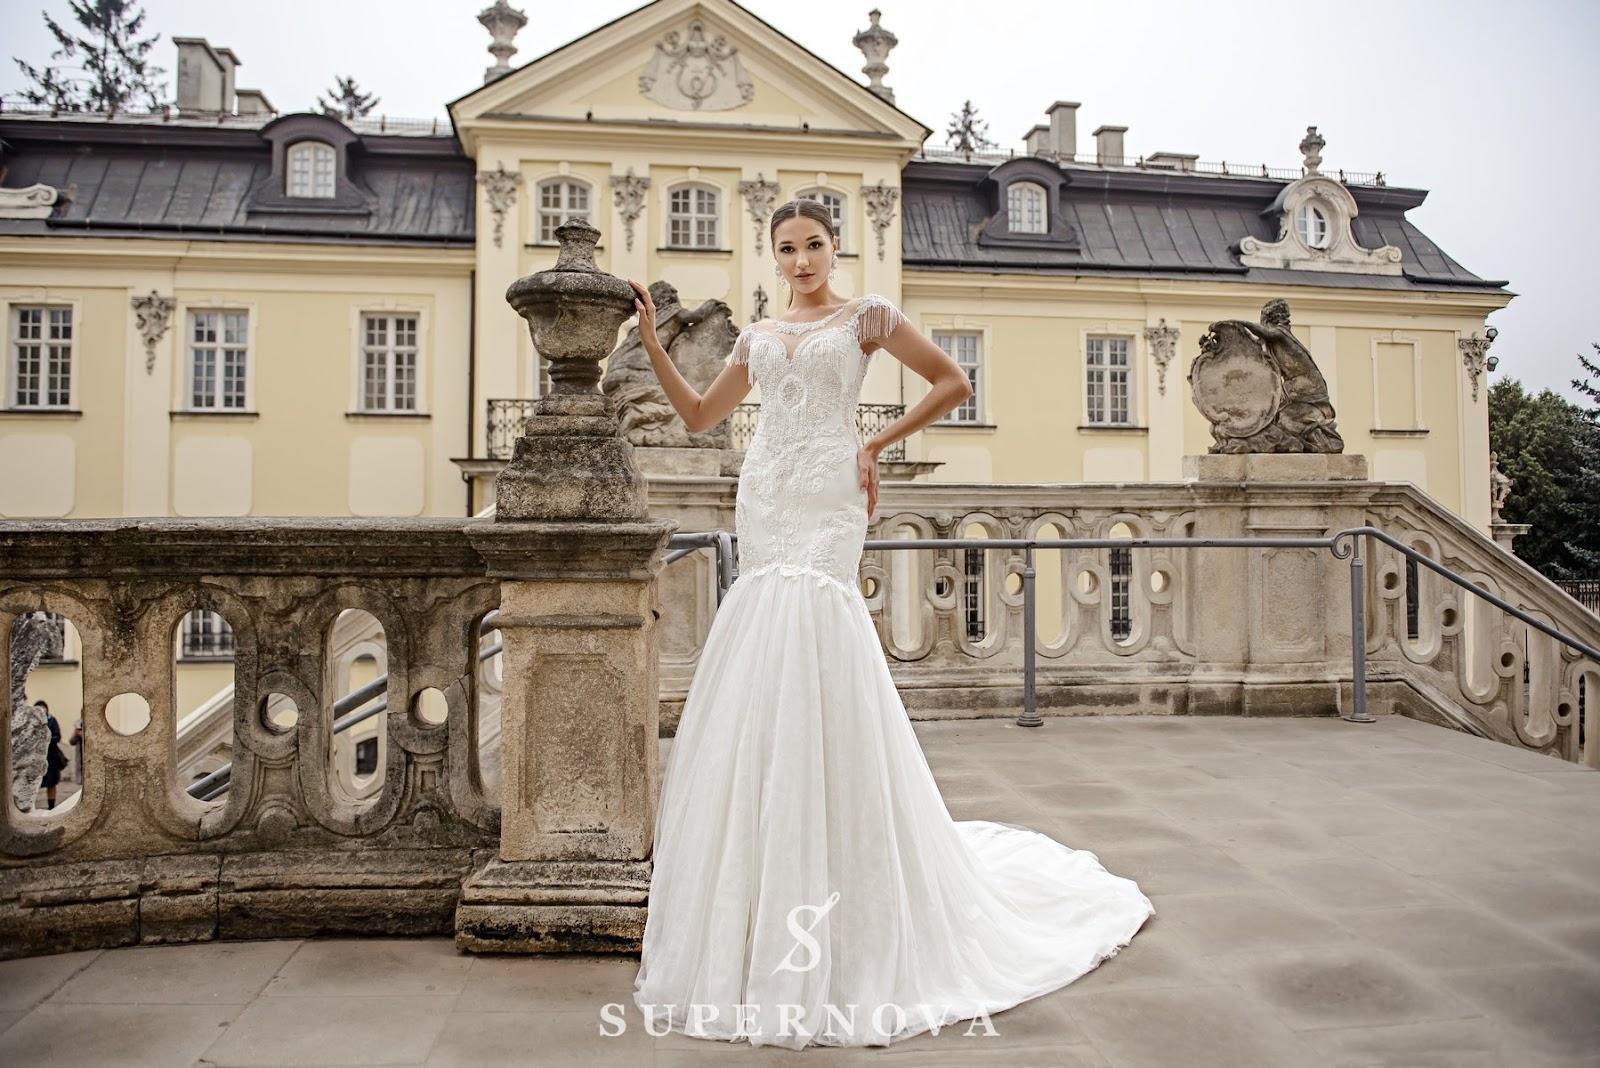 Приглашаем к сотрудничеству свадебные салоны